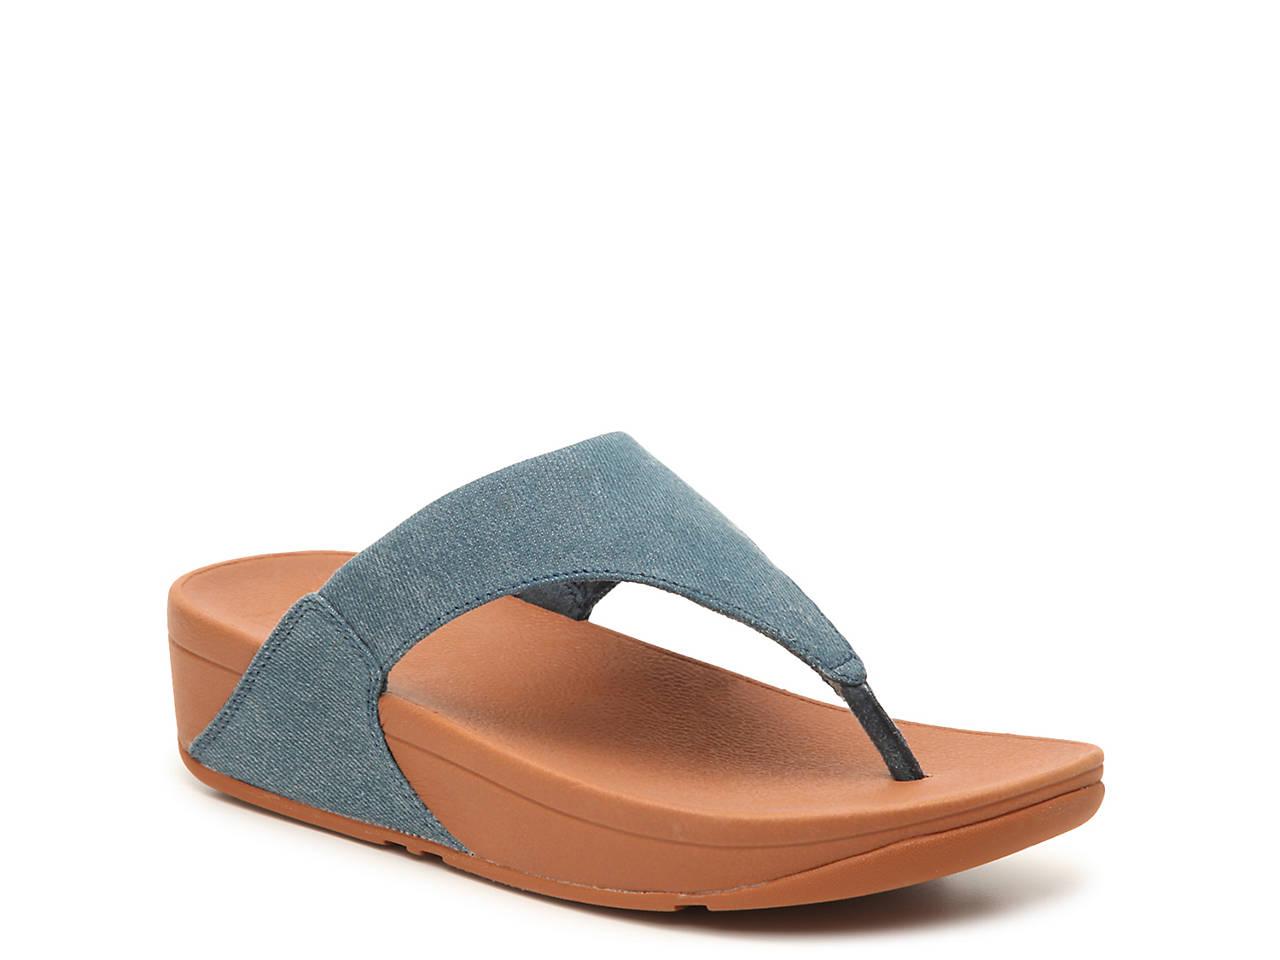 760aa093cf3 FitFlop Lulu Wedge Sandal Women s Shoes